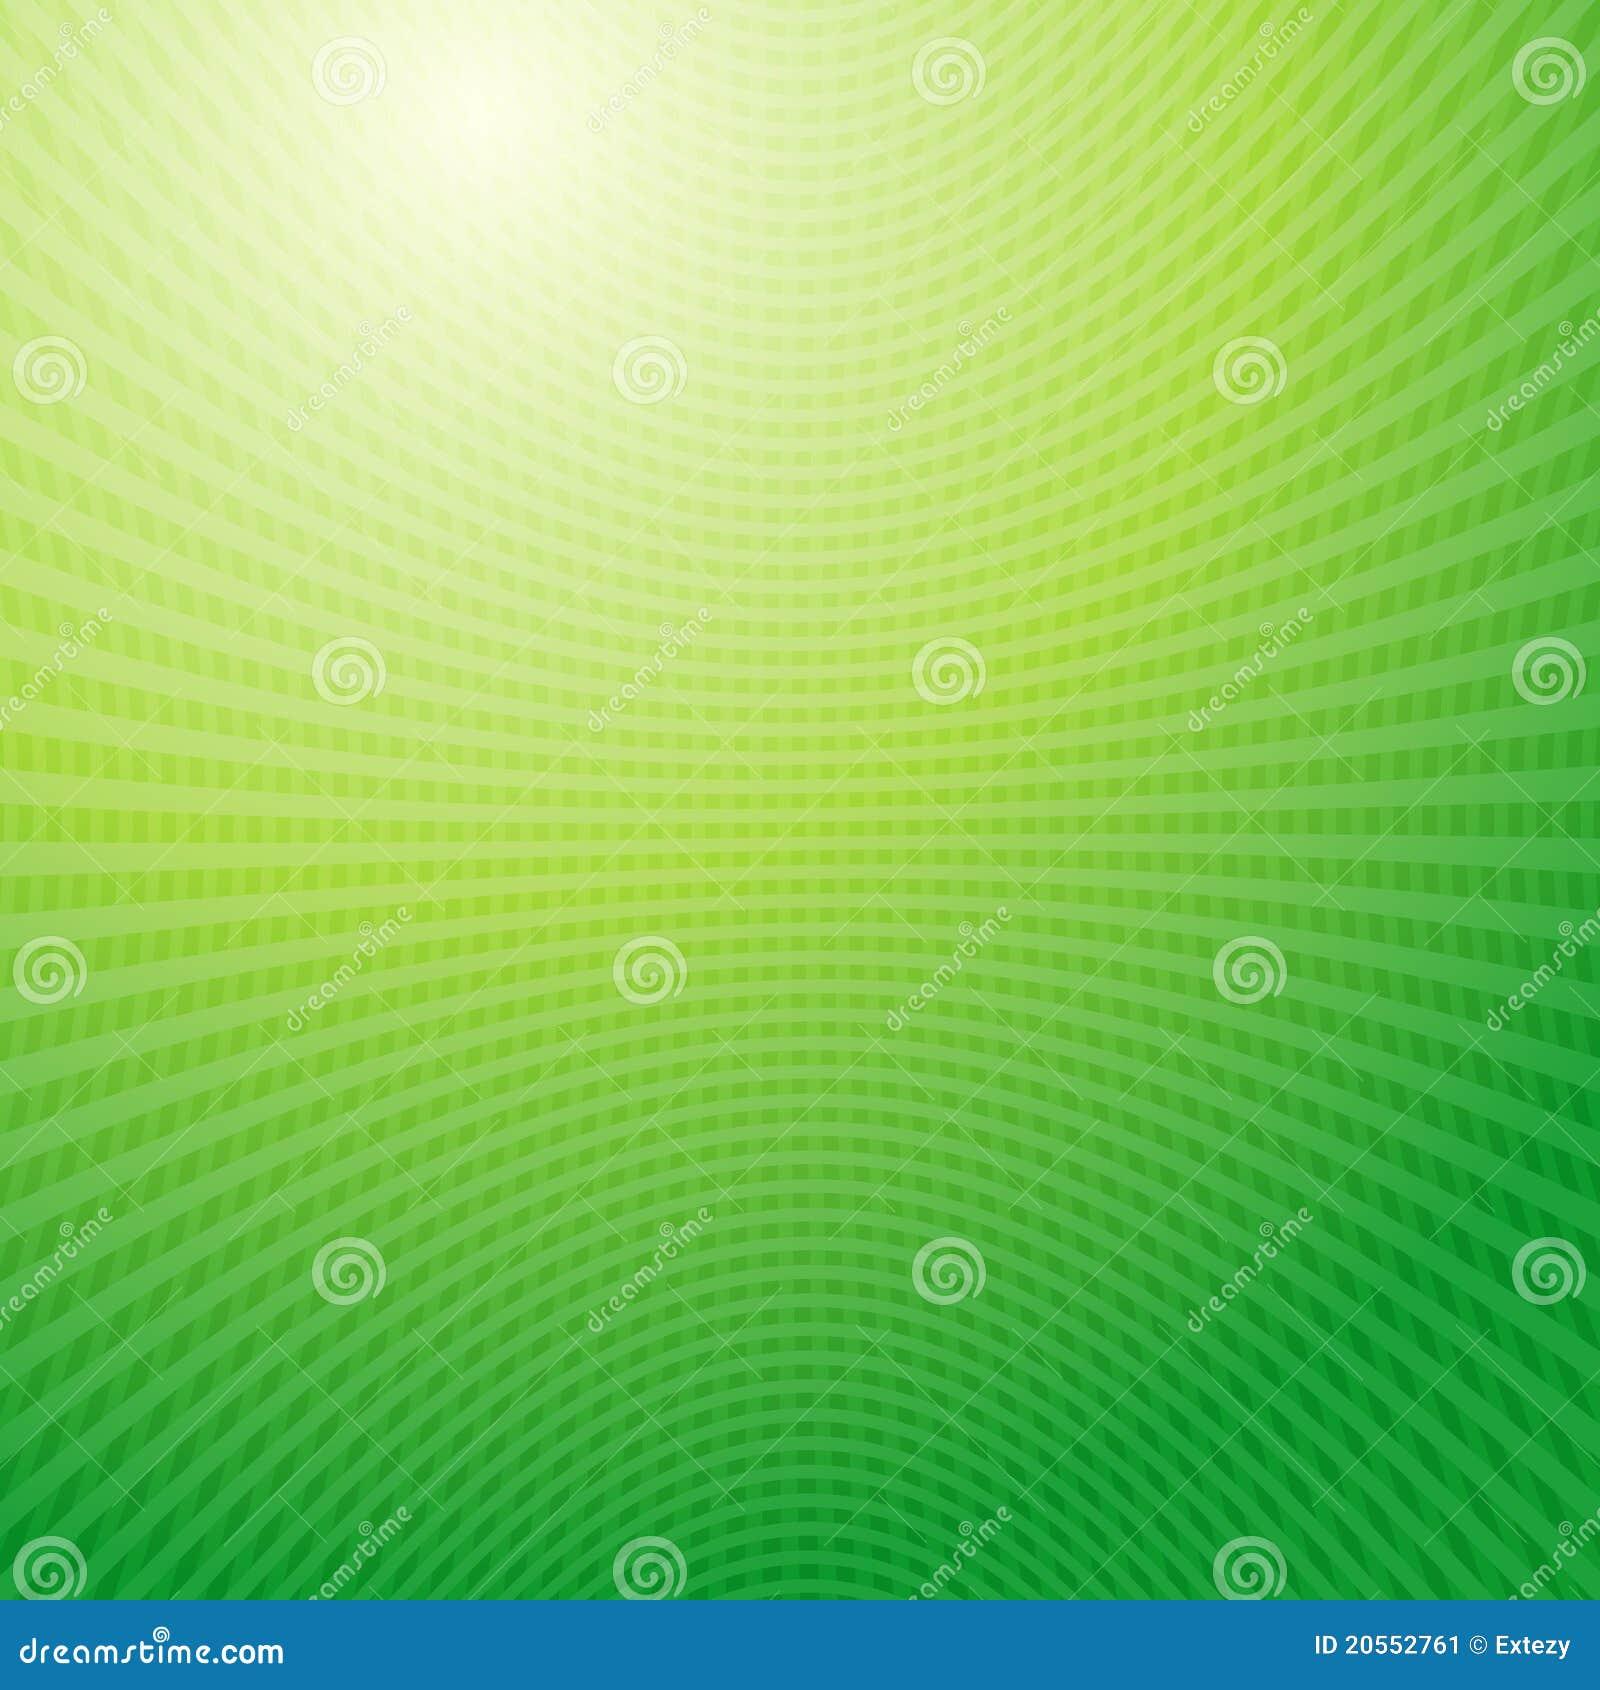 Fundo da luz do sumário da grade das ondas verdes